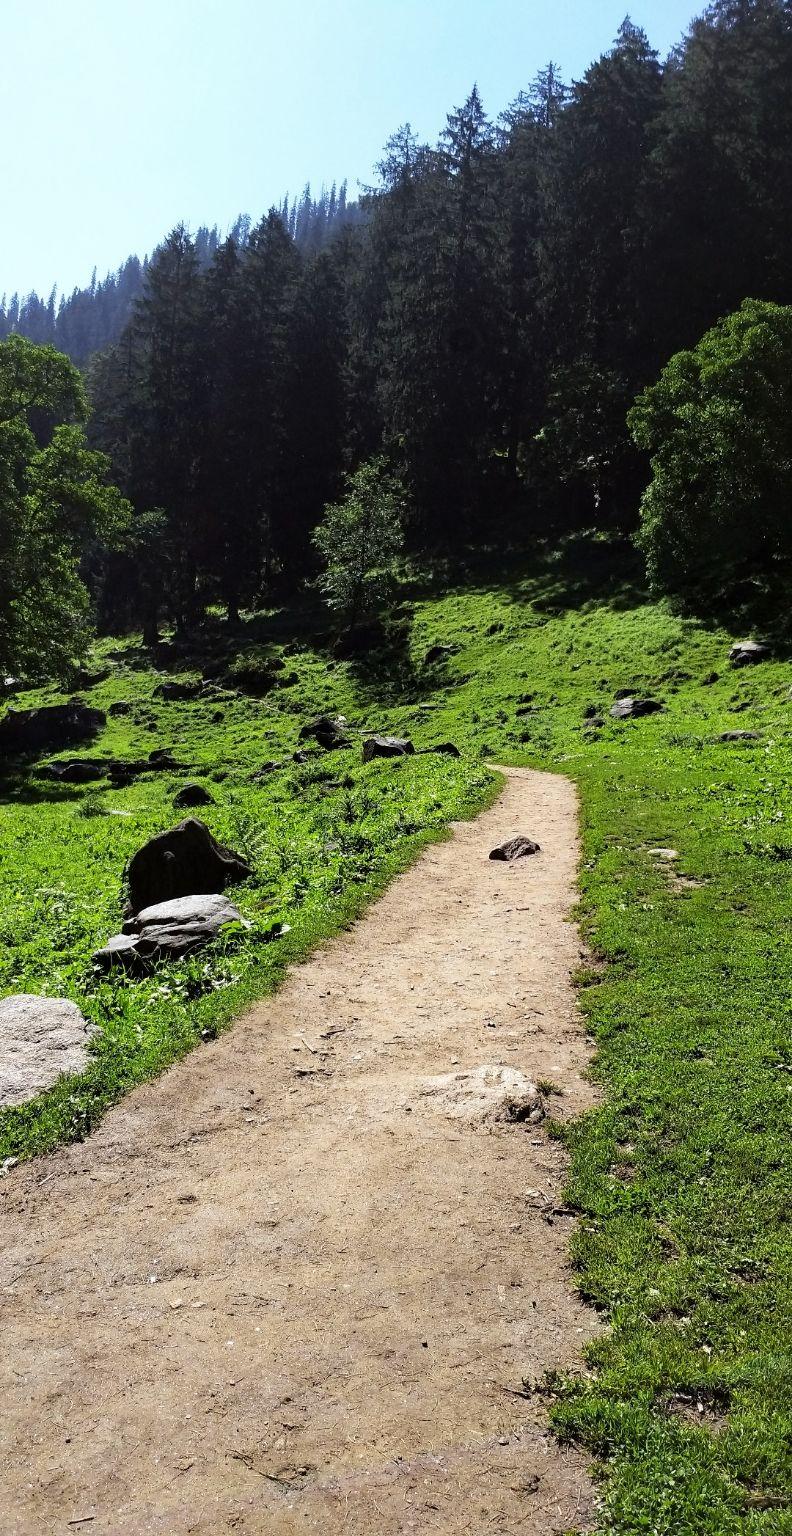 Photo of KheerGanga Waterfall - Half way By Bhavya Shah